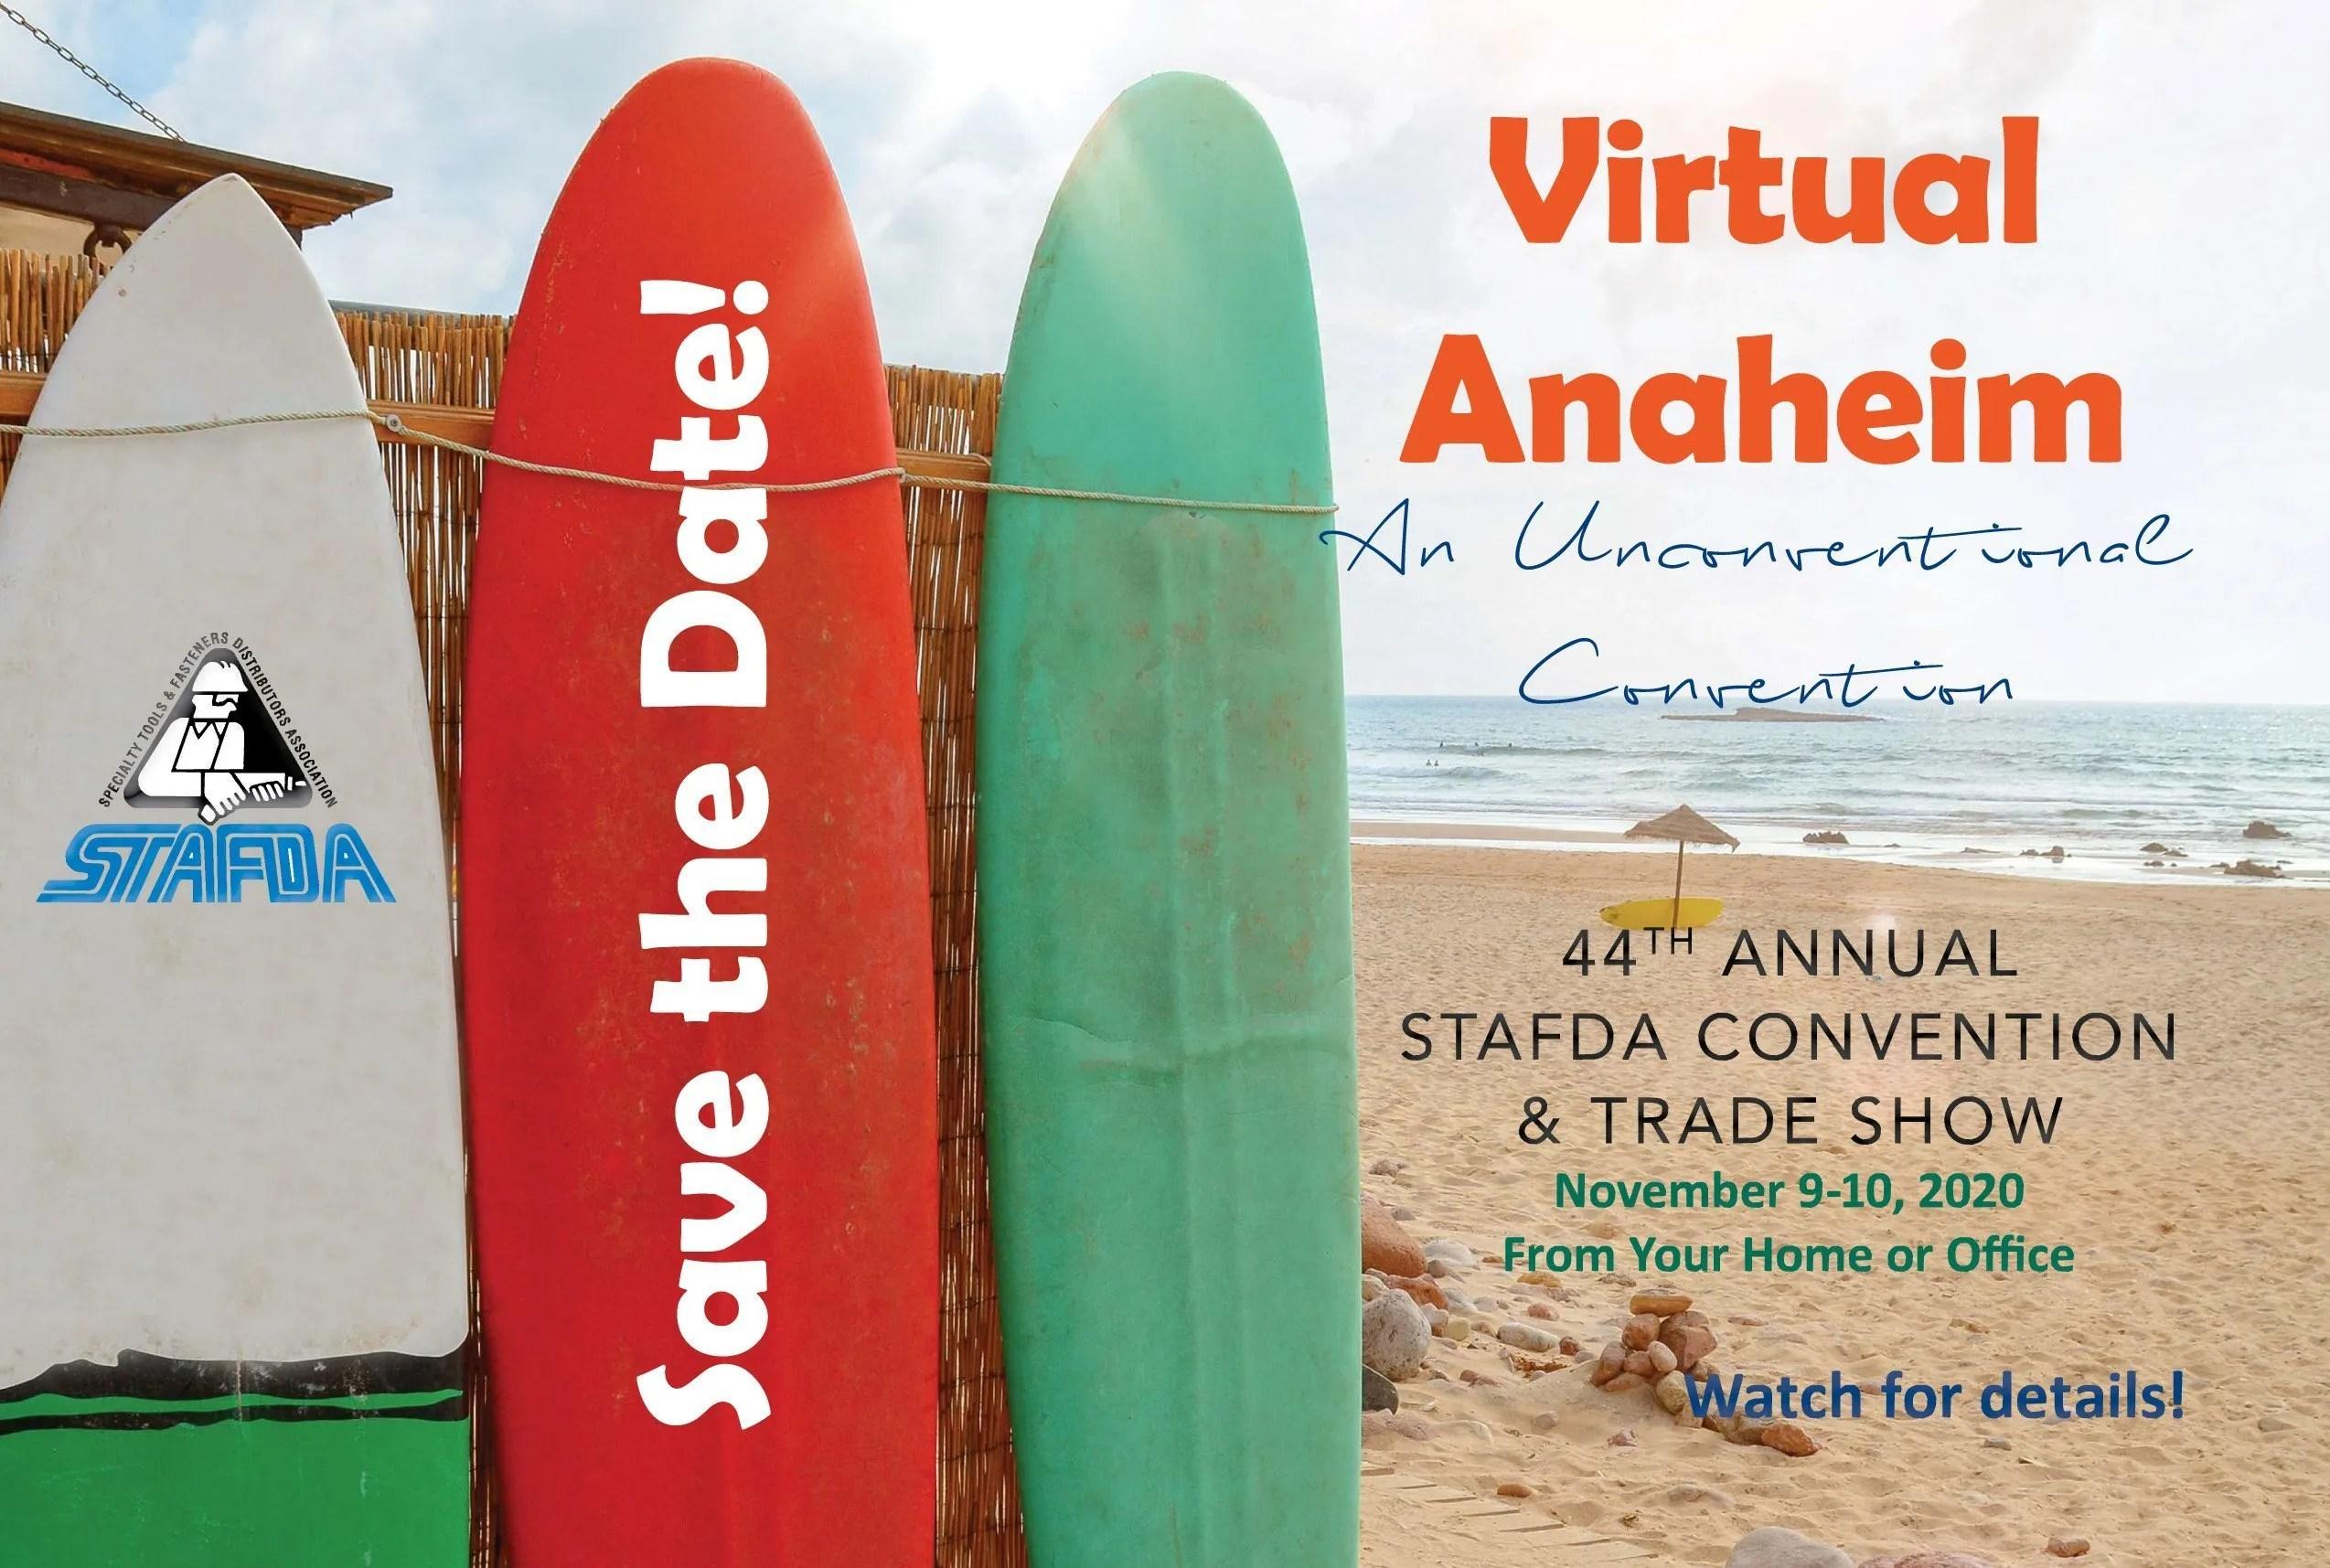 Anaheim Virtual